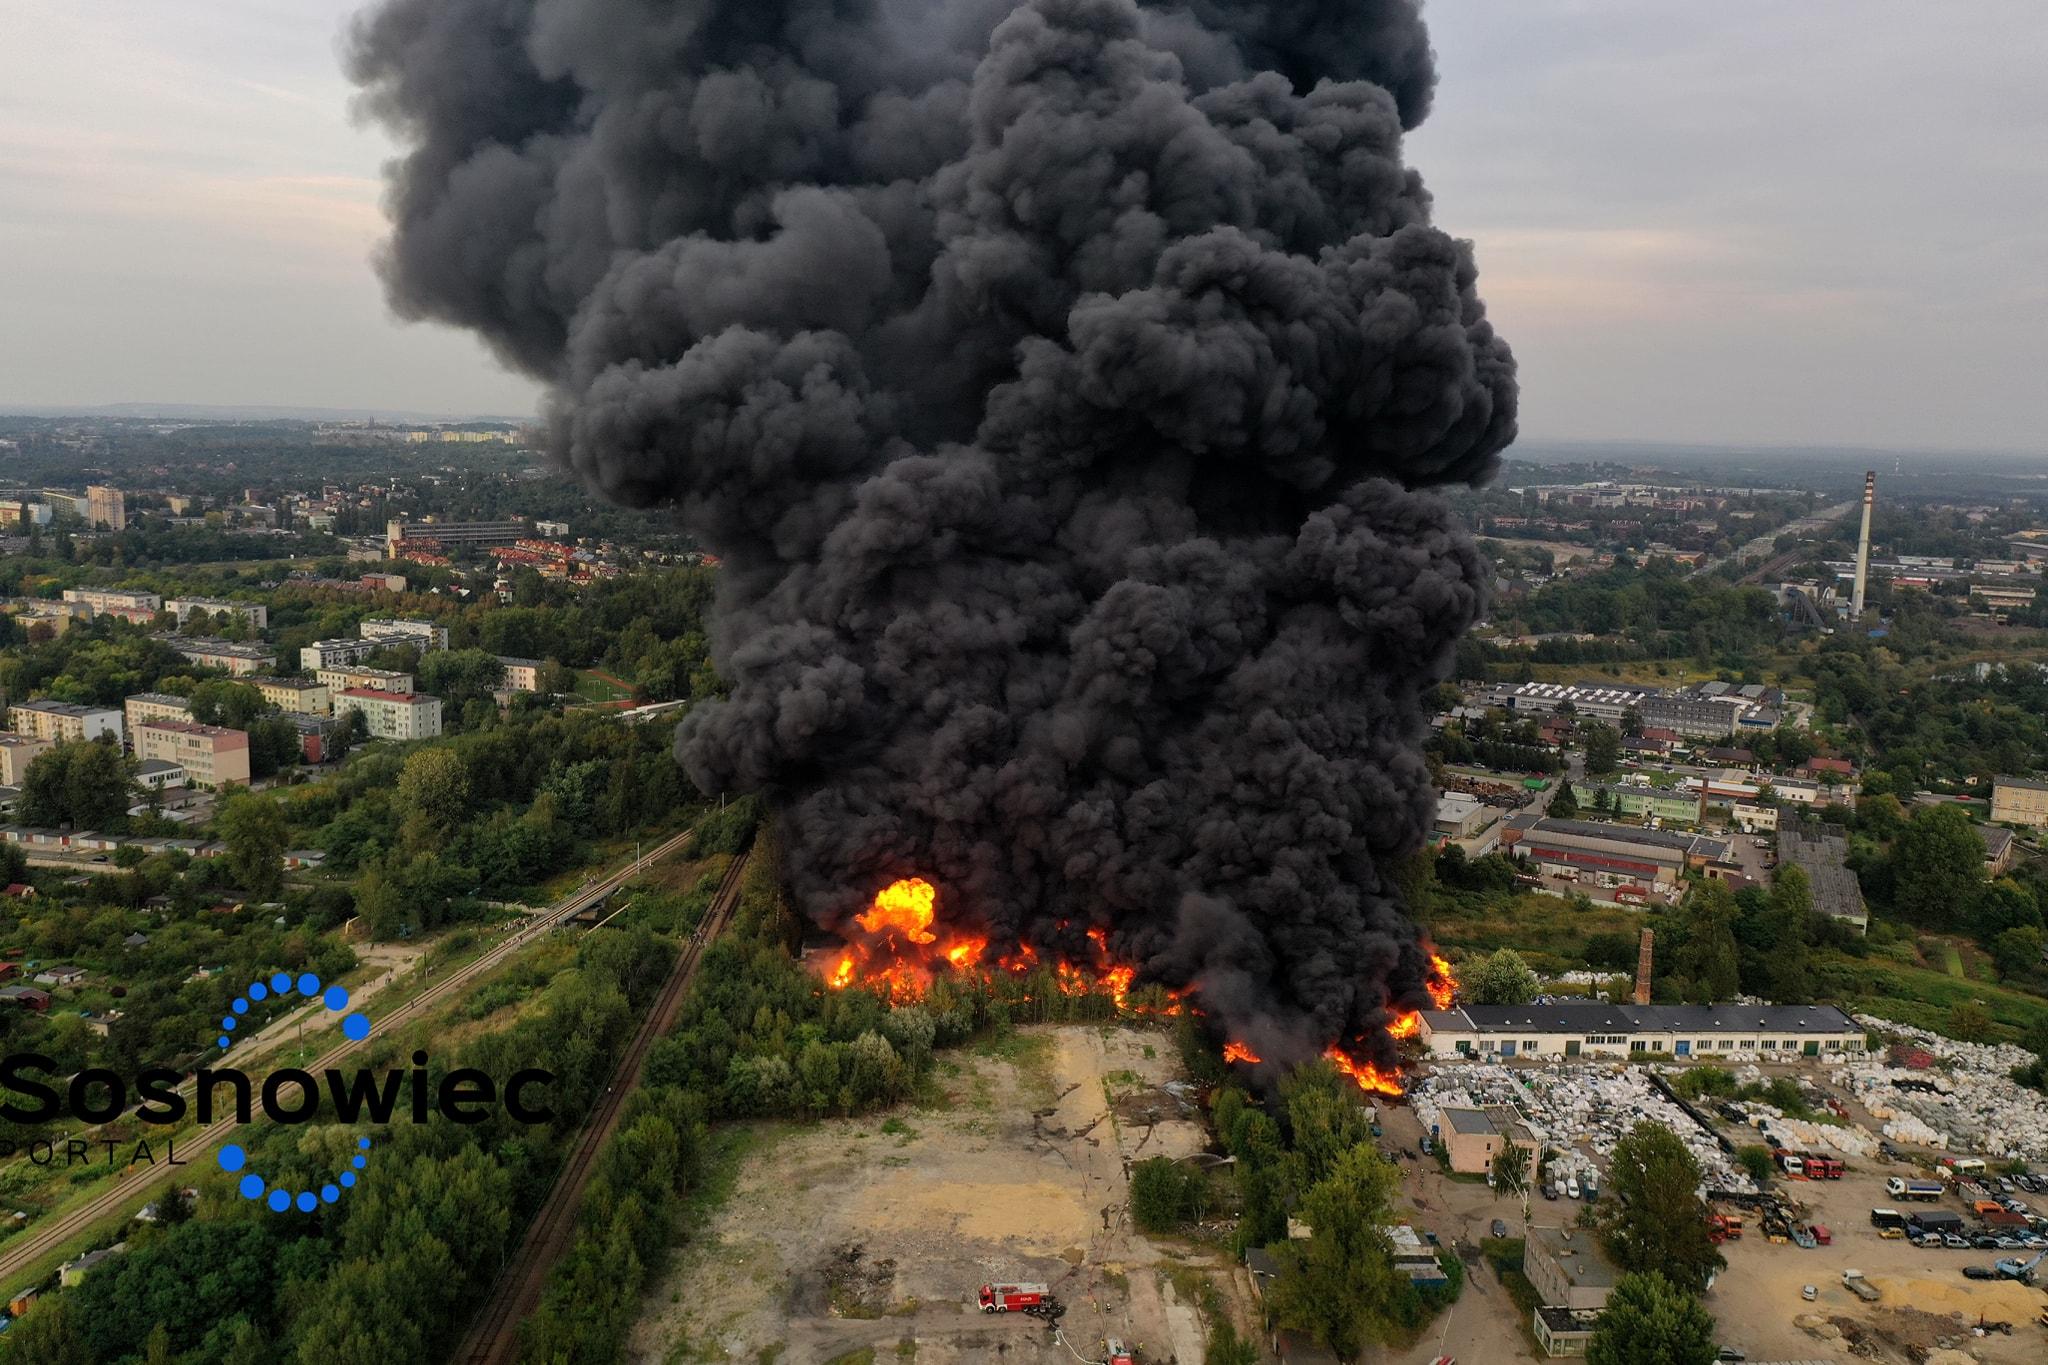 Potężny pożar w Sosnowcu! Kłęby czarnego dymu zasłaniają miasto. ZAMKNIJCIE OKNA [WIDEO]